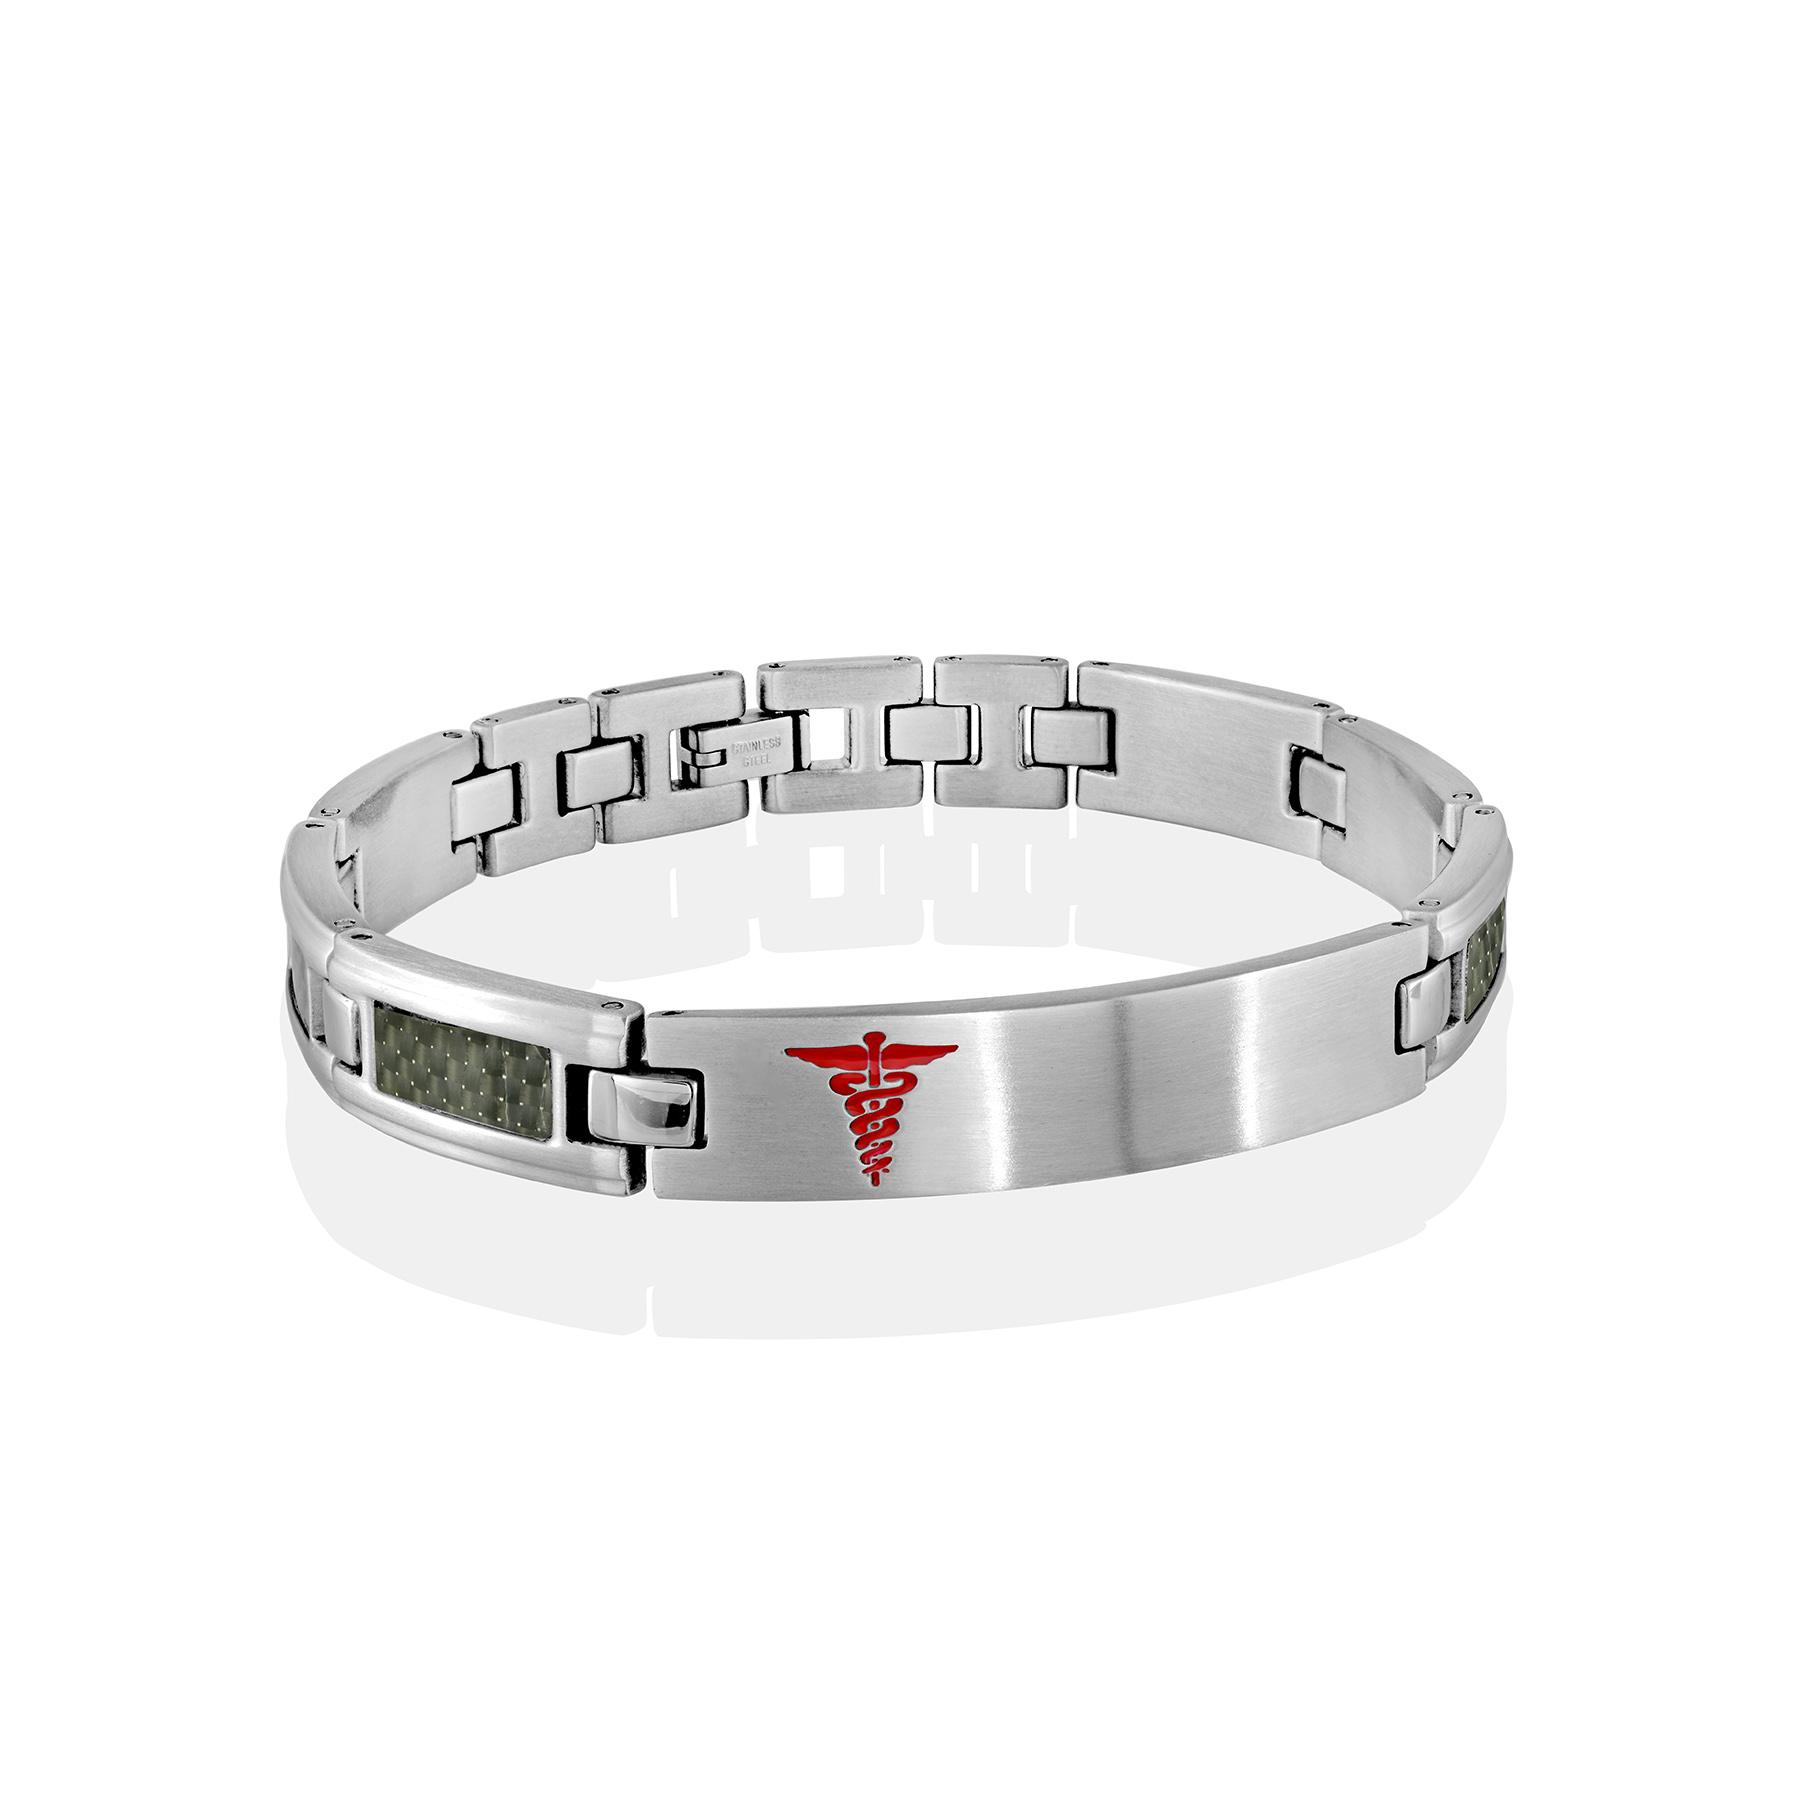 Medical bracelet - Stainless steel & carbon fiber